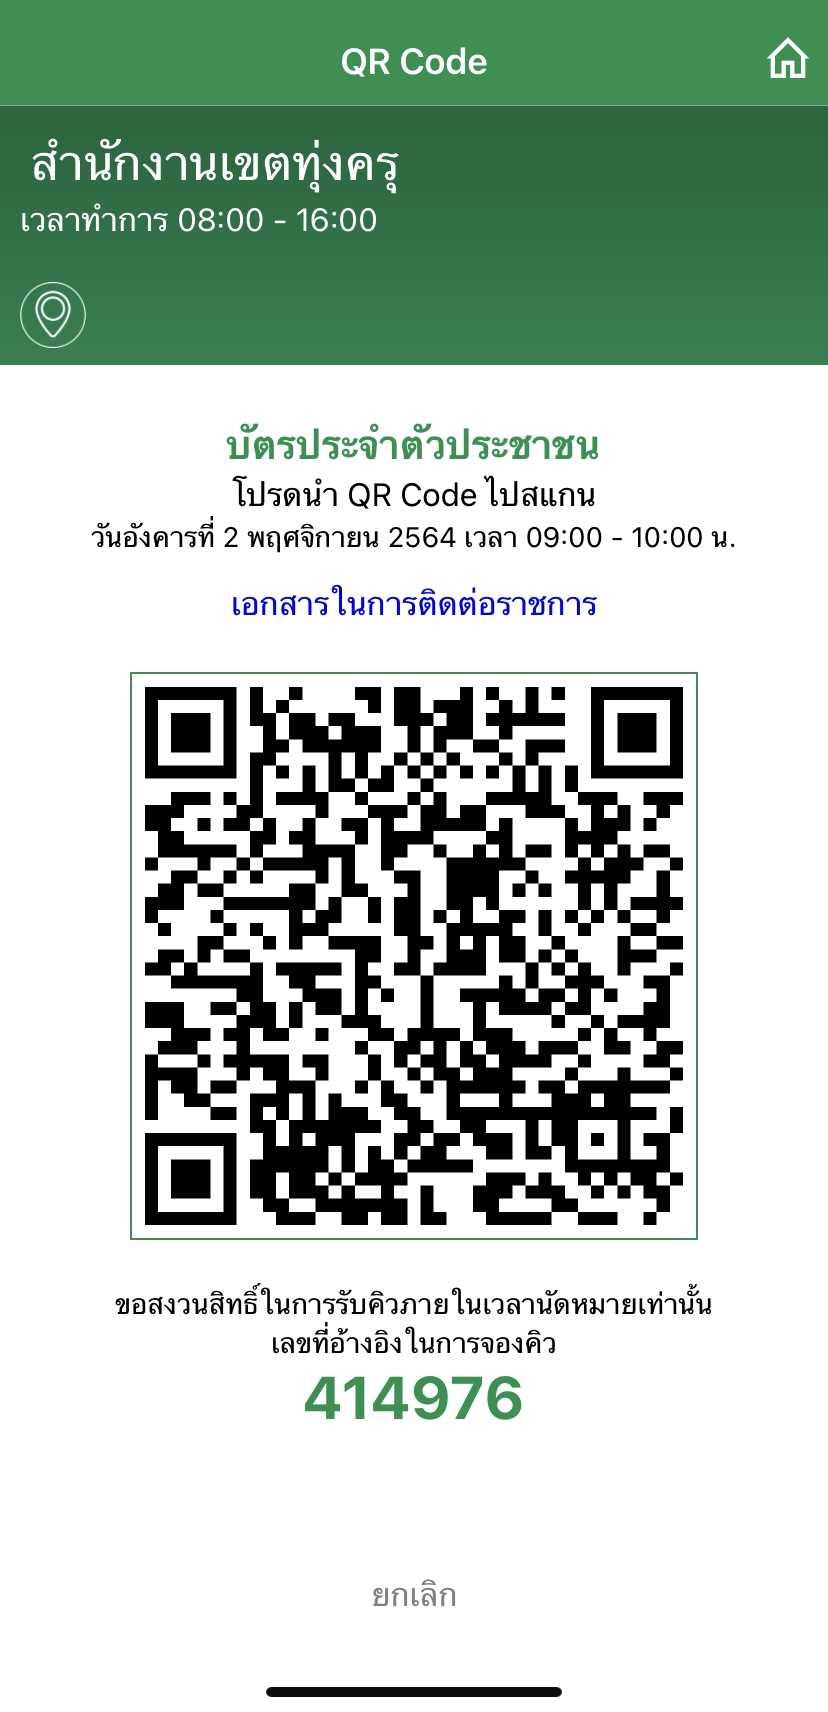 จองคิวทำบัตรประชาชน กทม -5